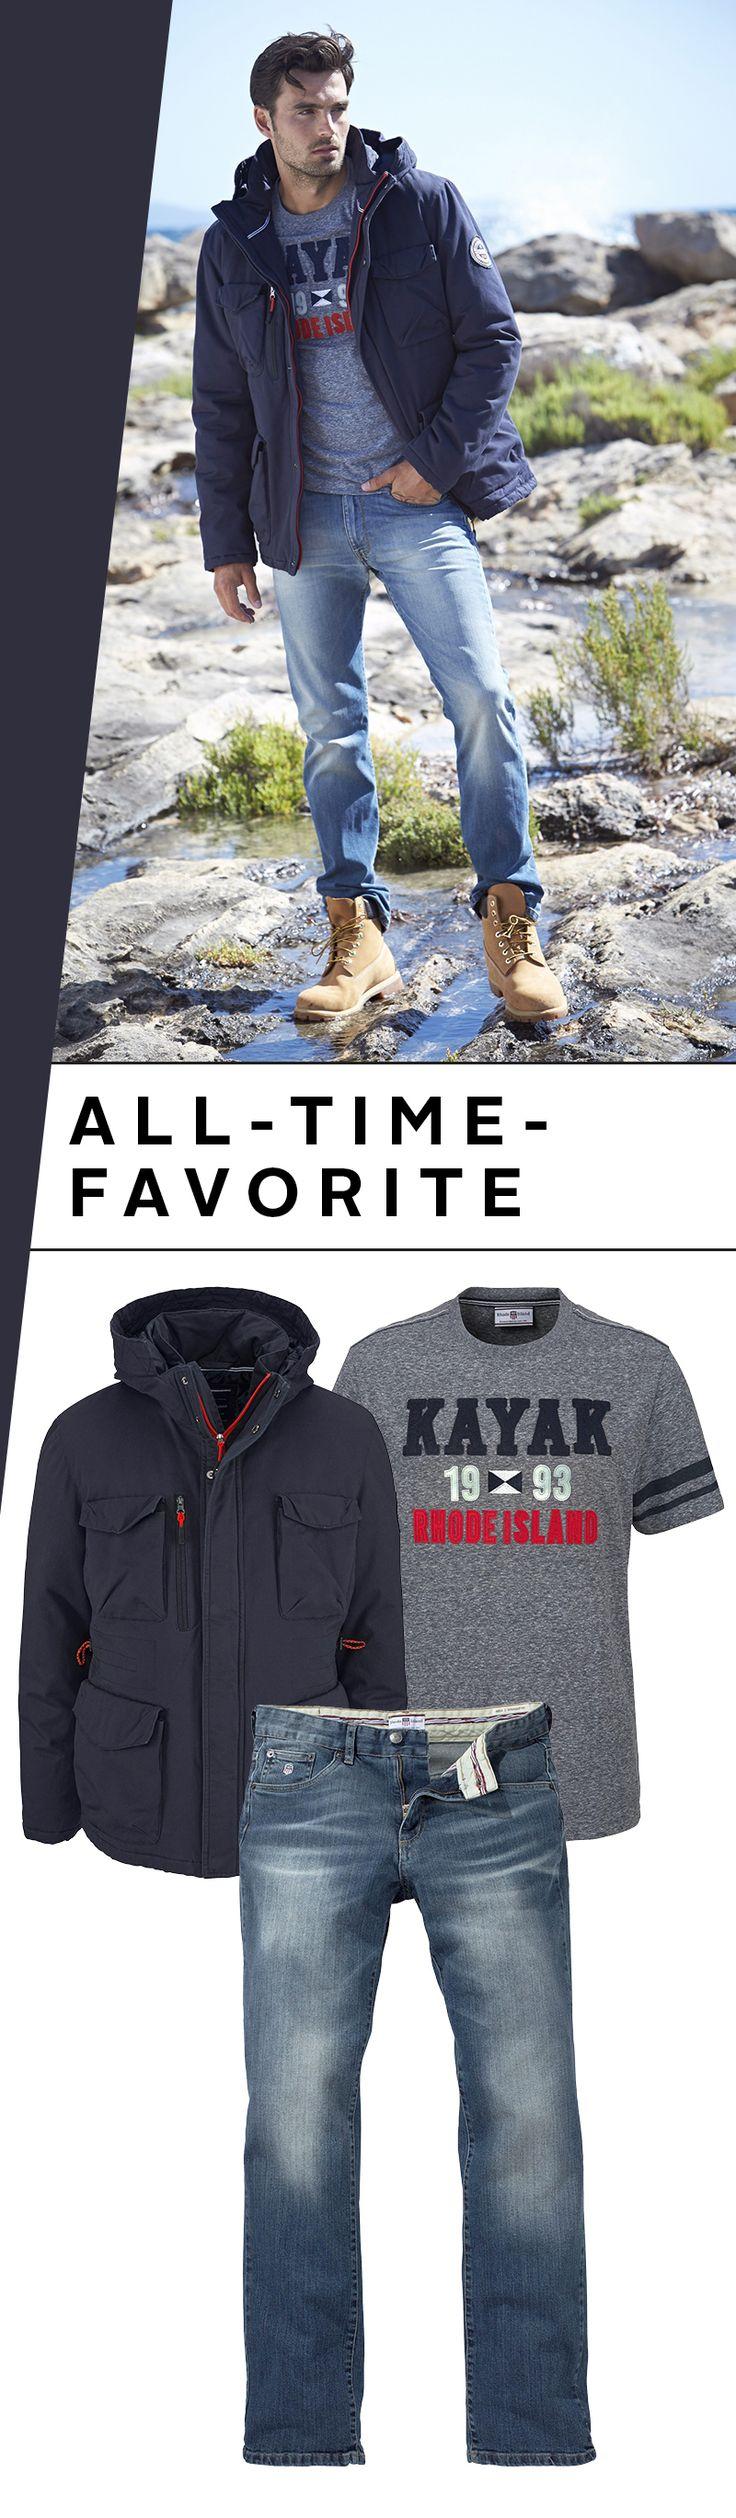 """Der Jeans & Shirt-Look für Männer ist wie der Song """"Last Christmas"""" zur Weihnachtszeit: Er ist einfach nicht wegzudenken! Hier kommen die Alltime-Favorites von Rhode Island in Form eines coolen Frontprint-Shirts, einer gemütlichen Jeans und der wärmenden Langjacke."""